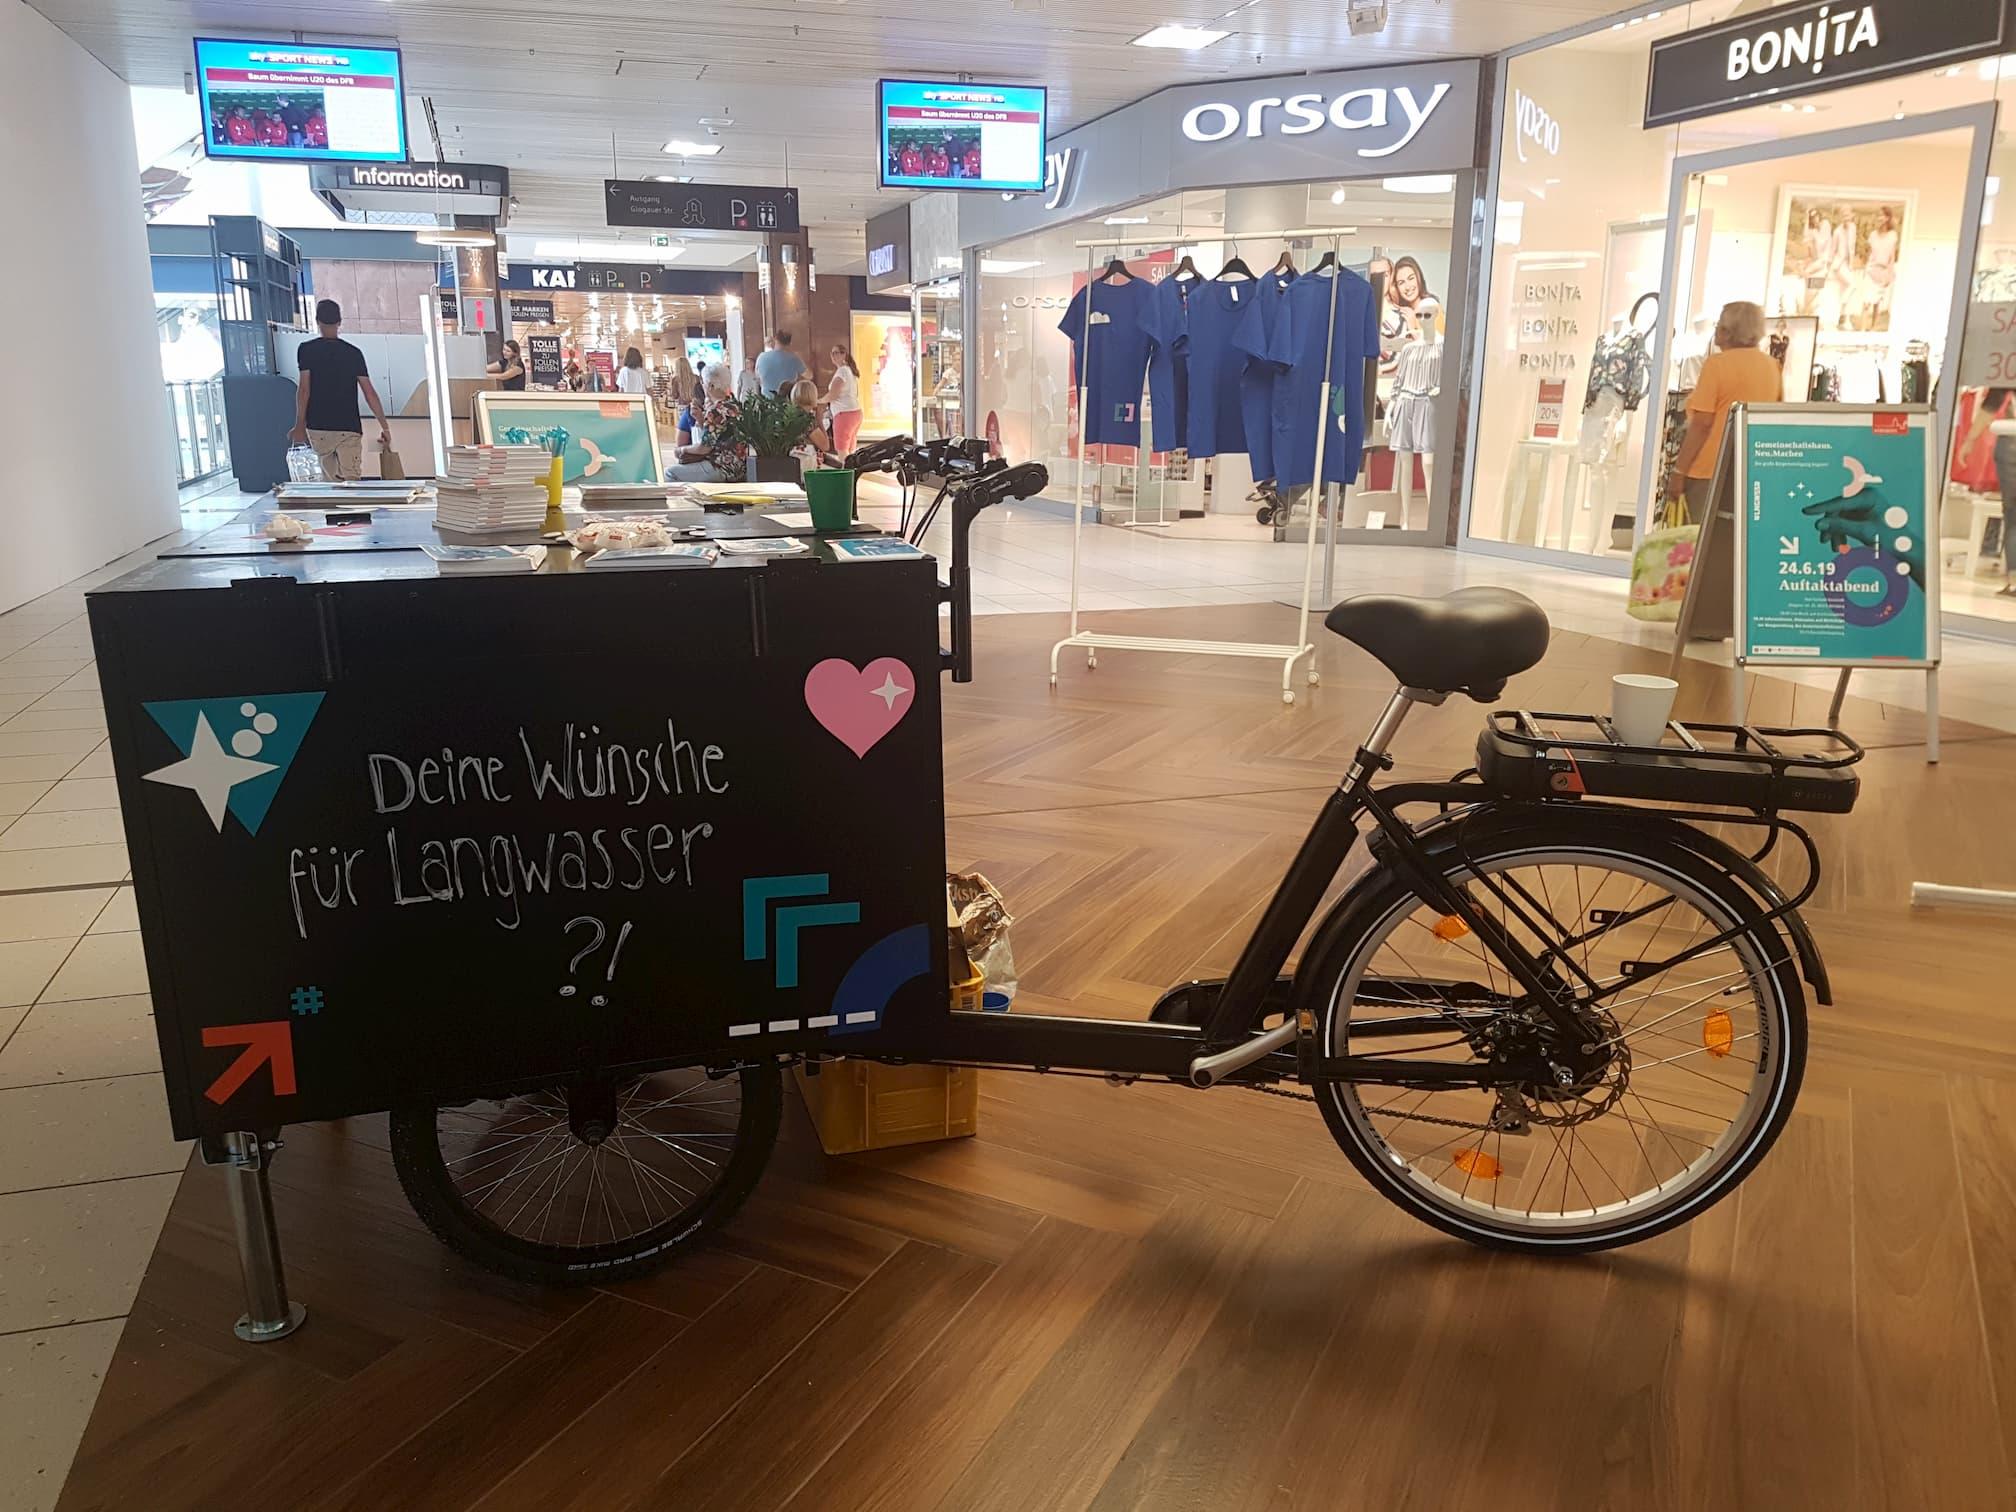 Das Befraguns-Fahrrad steht in einem Einkaufscenter.